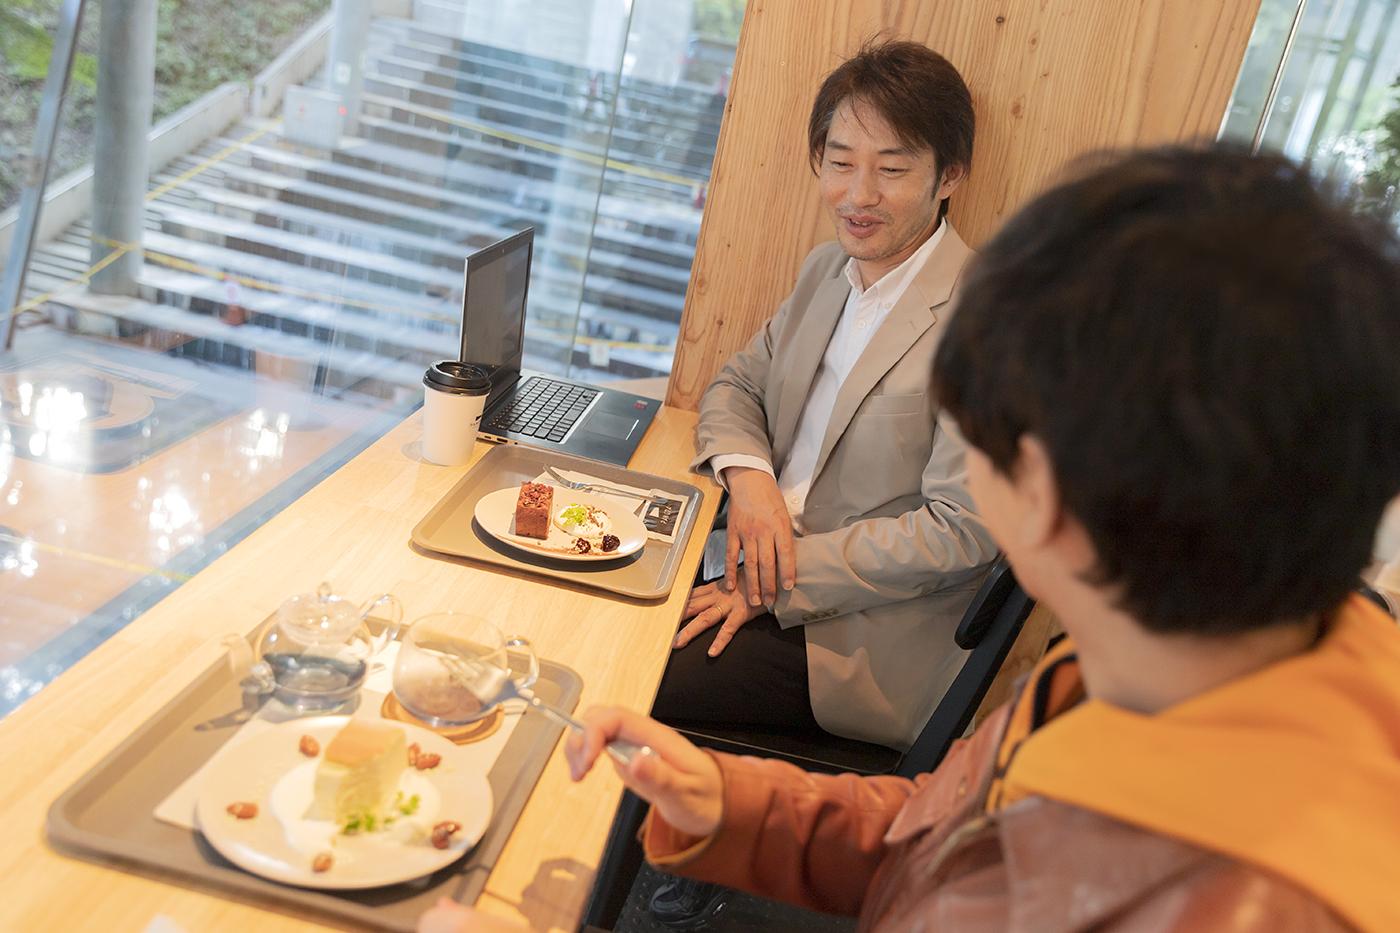 「PANORA」でケーキを前にborderactの中澤さんにインタビューの様子